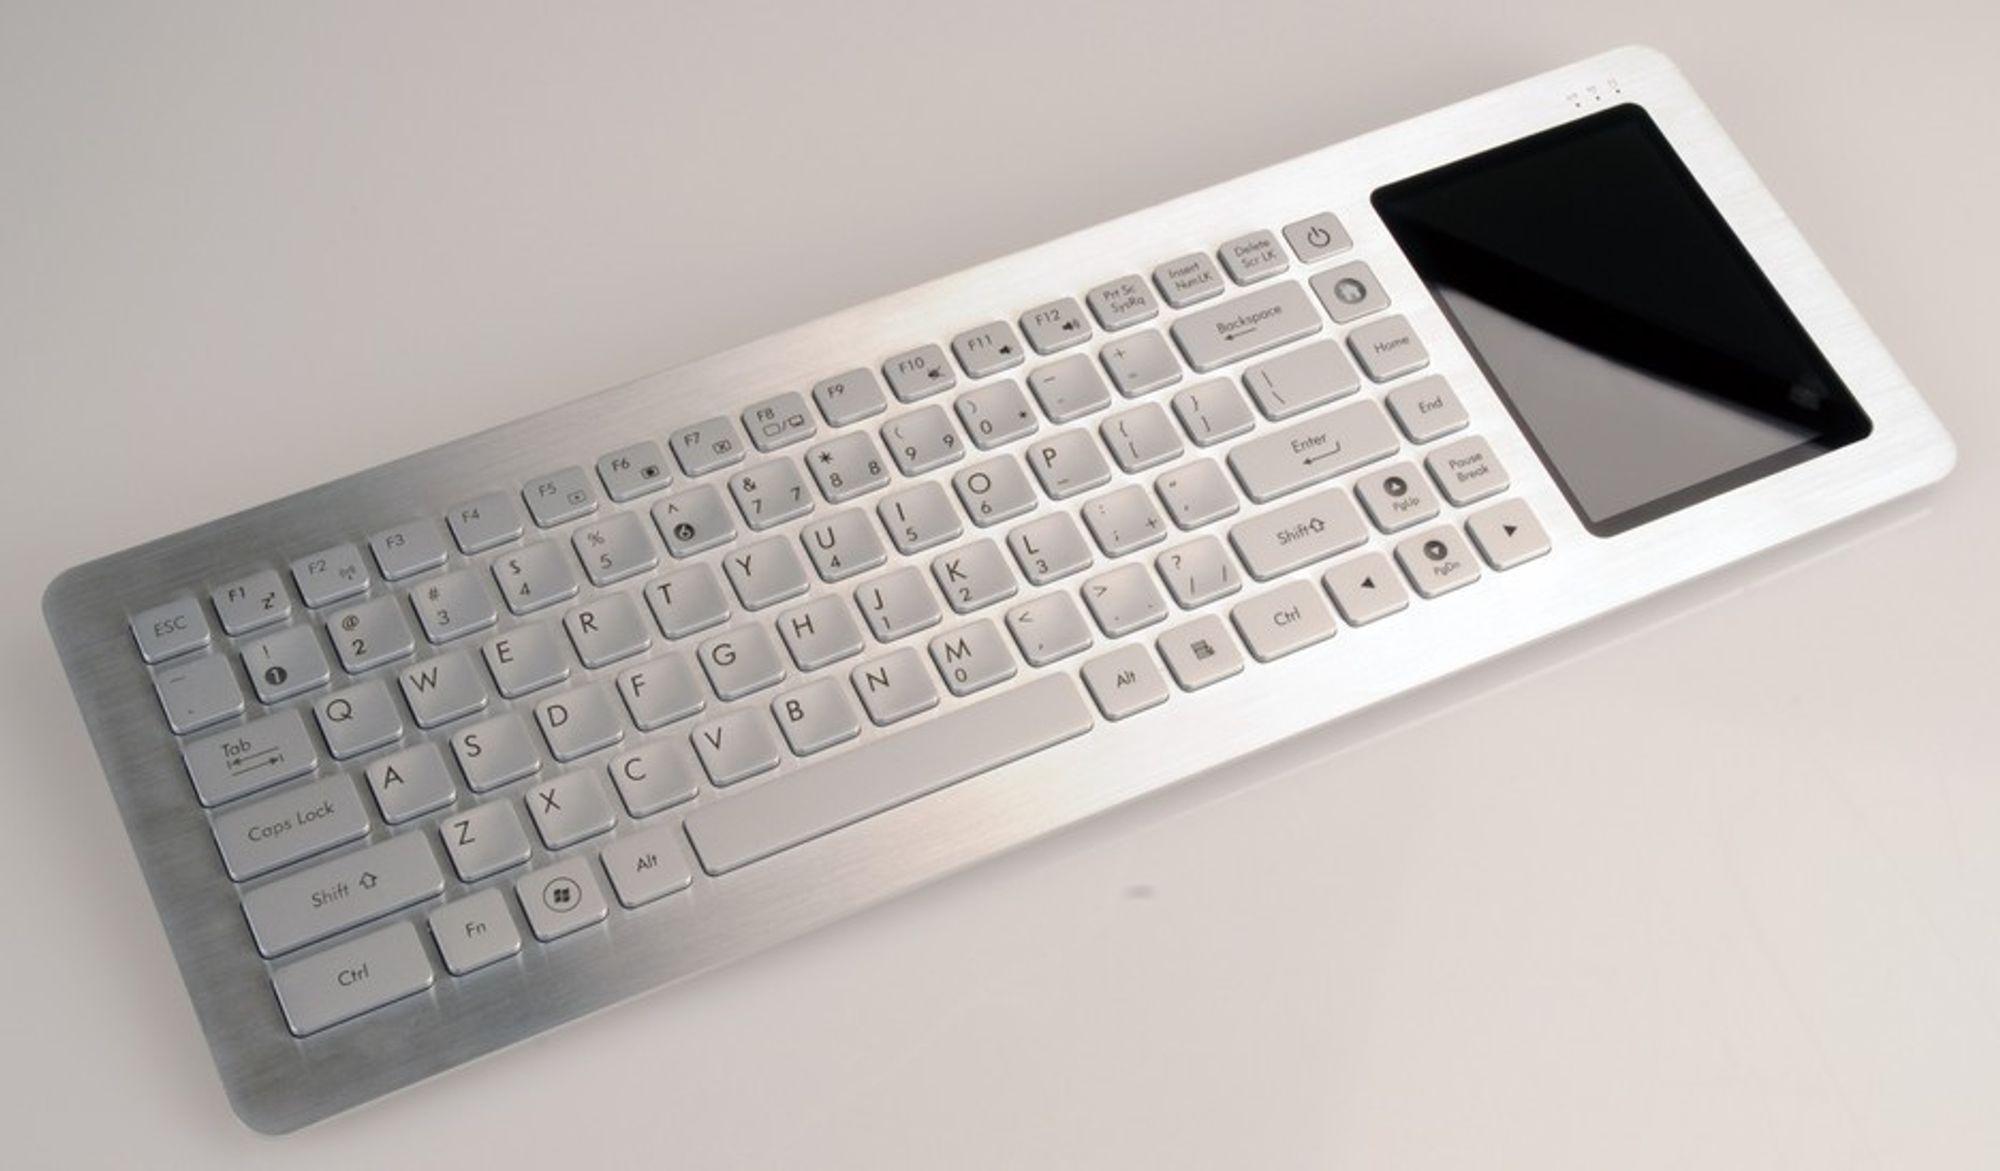 ASUS Eee Keyboard PC har all innmaten bygget inn i tastaturet og kobles trådløst til skjermen med Ultra WideBand Wireless.